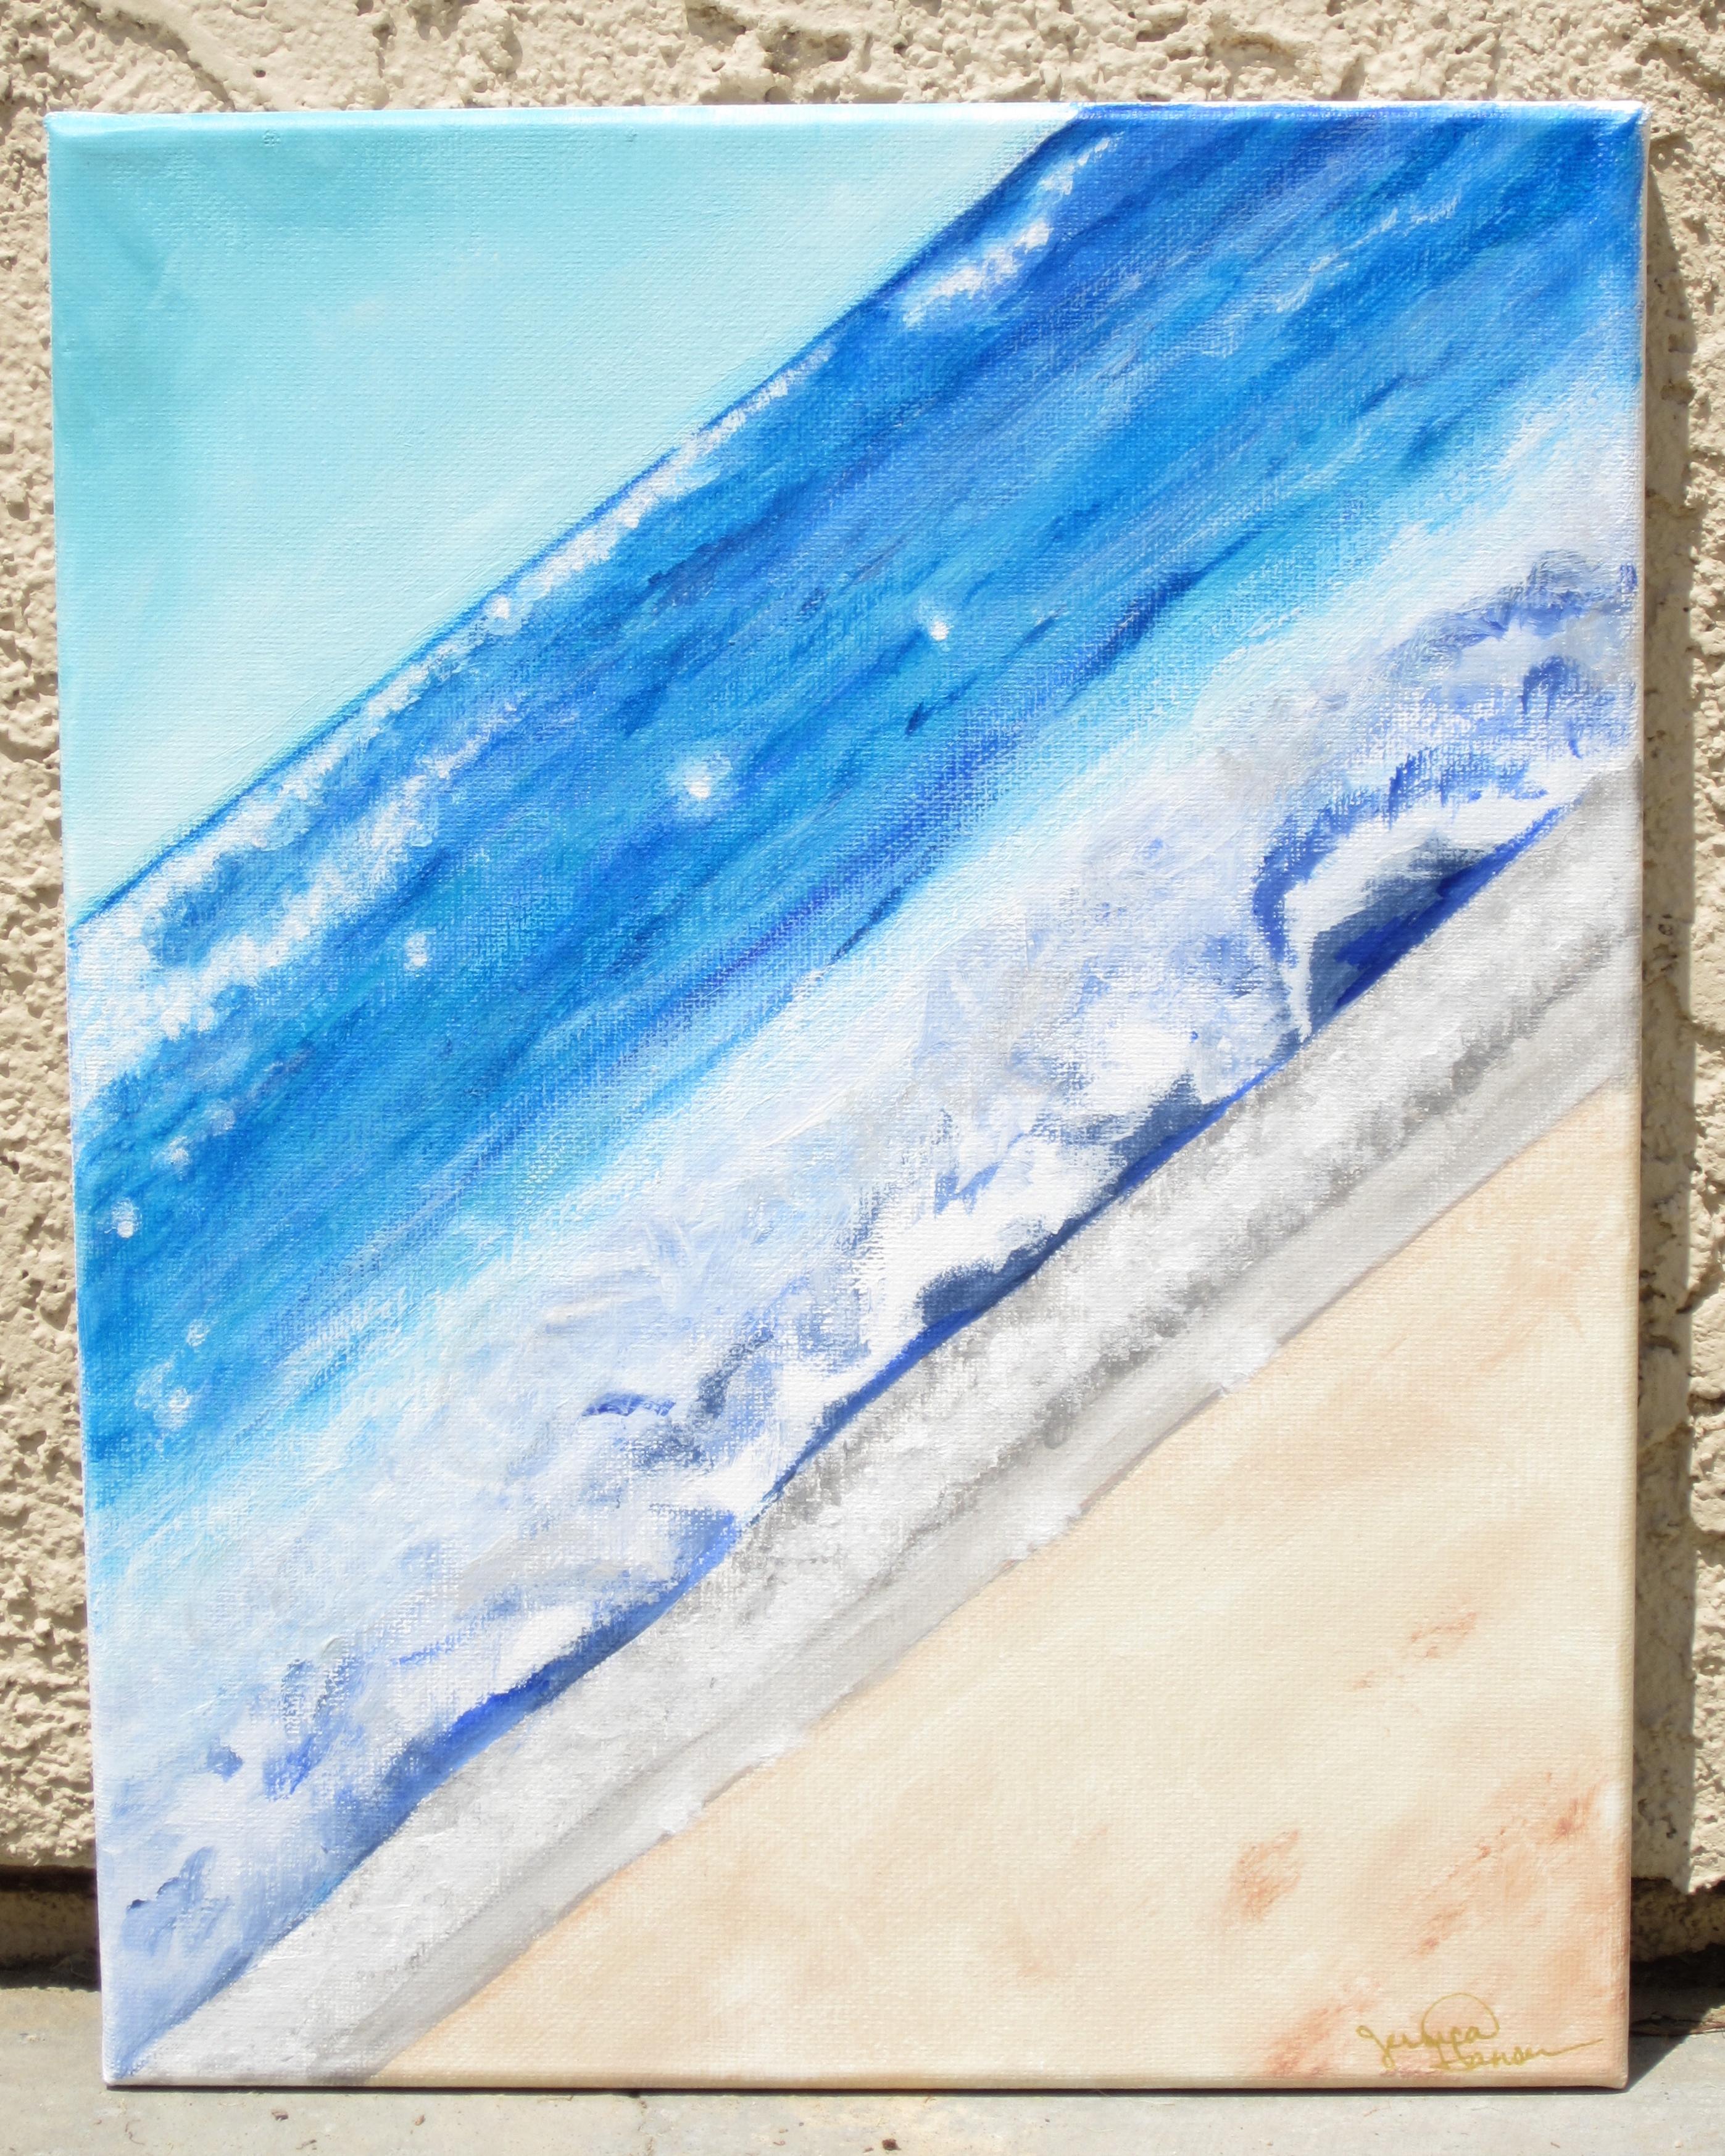 Debbie's Beach II